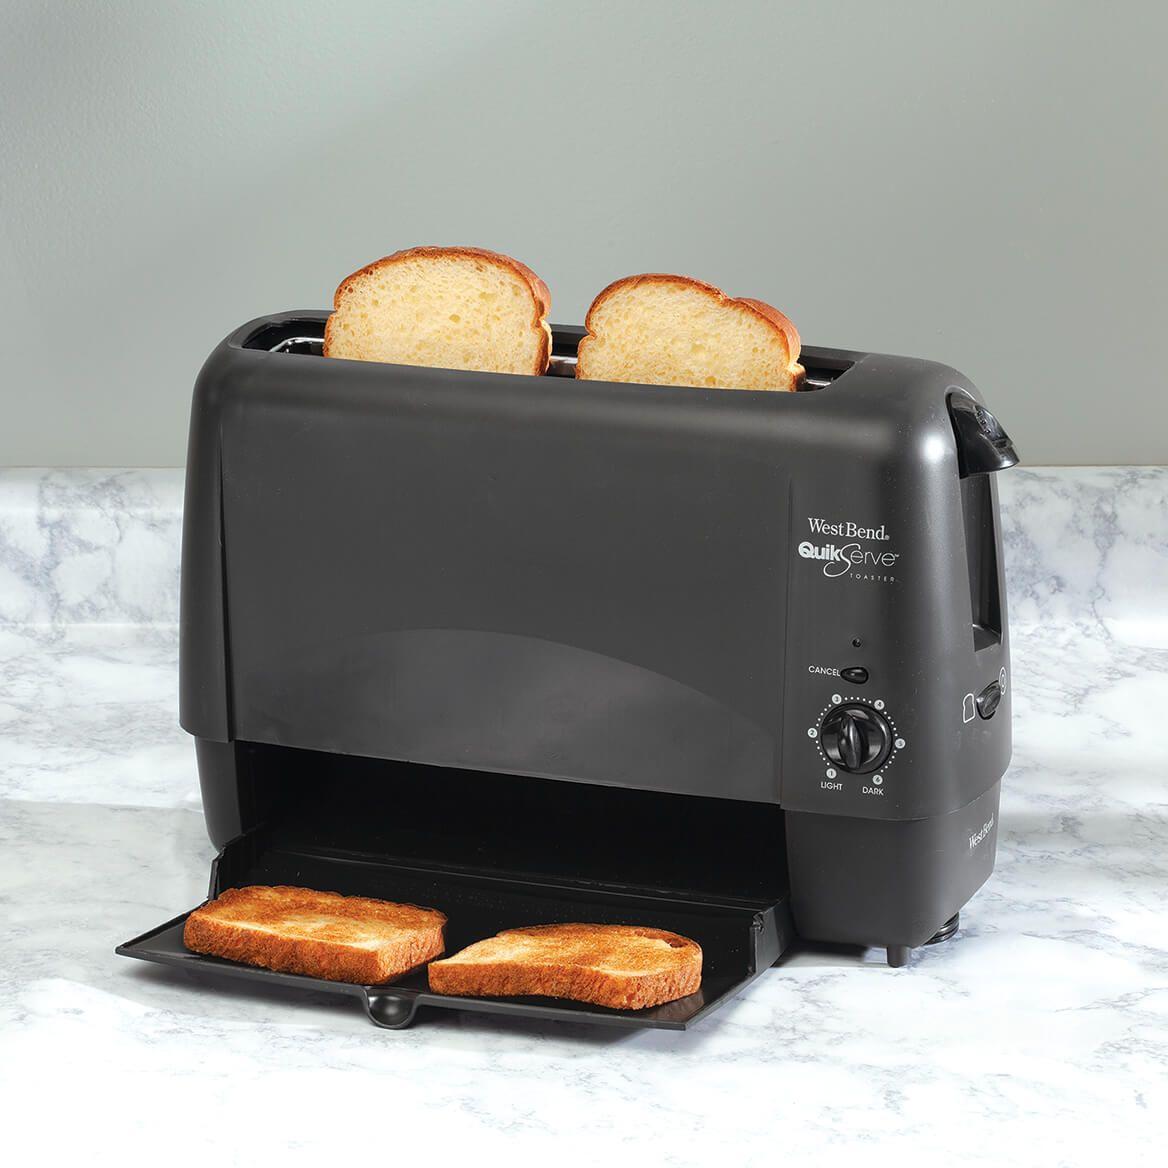 West Bend Quik Serve Toaster-364659